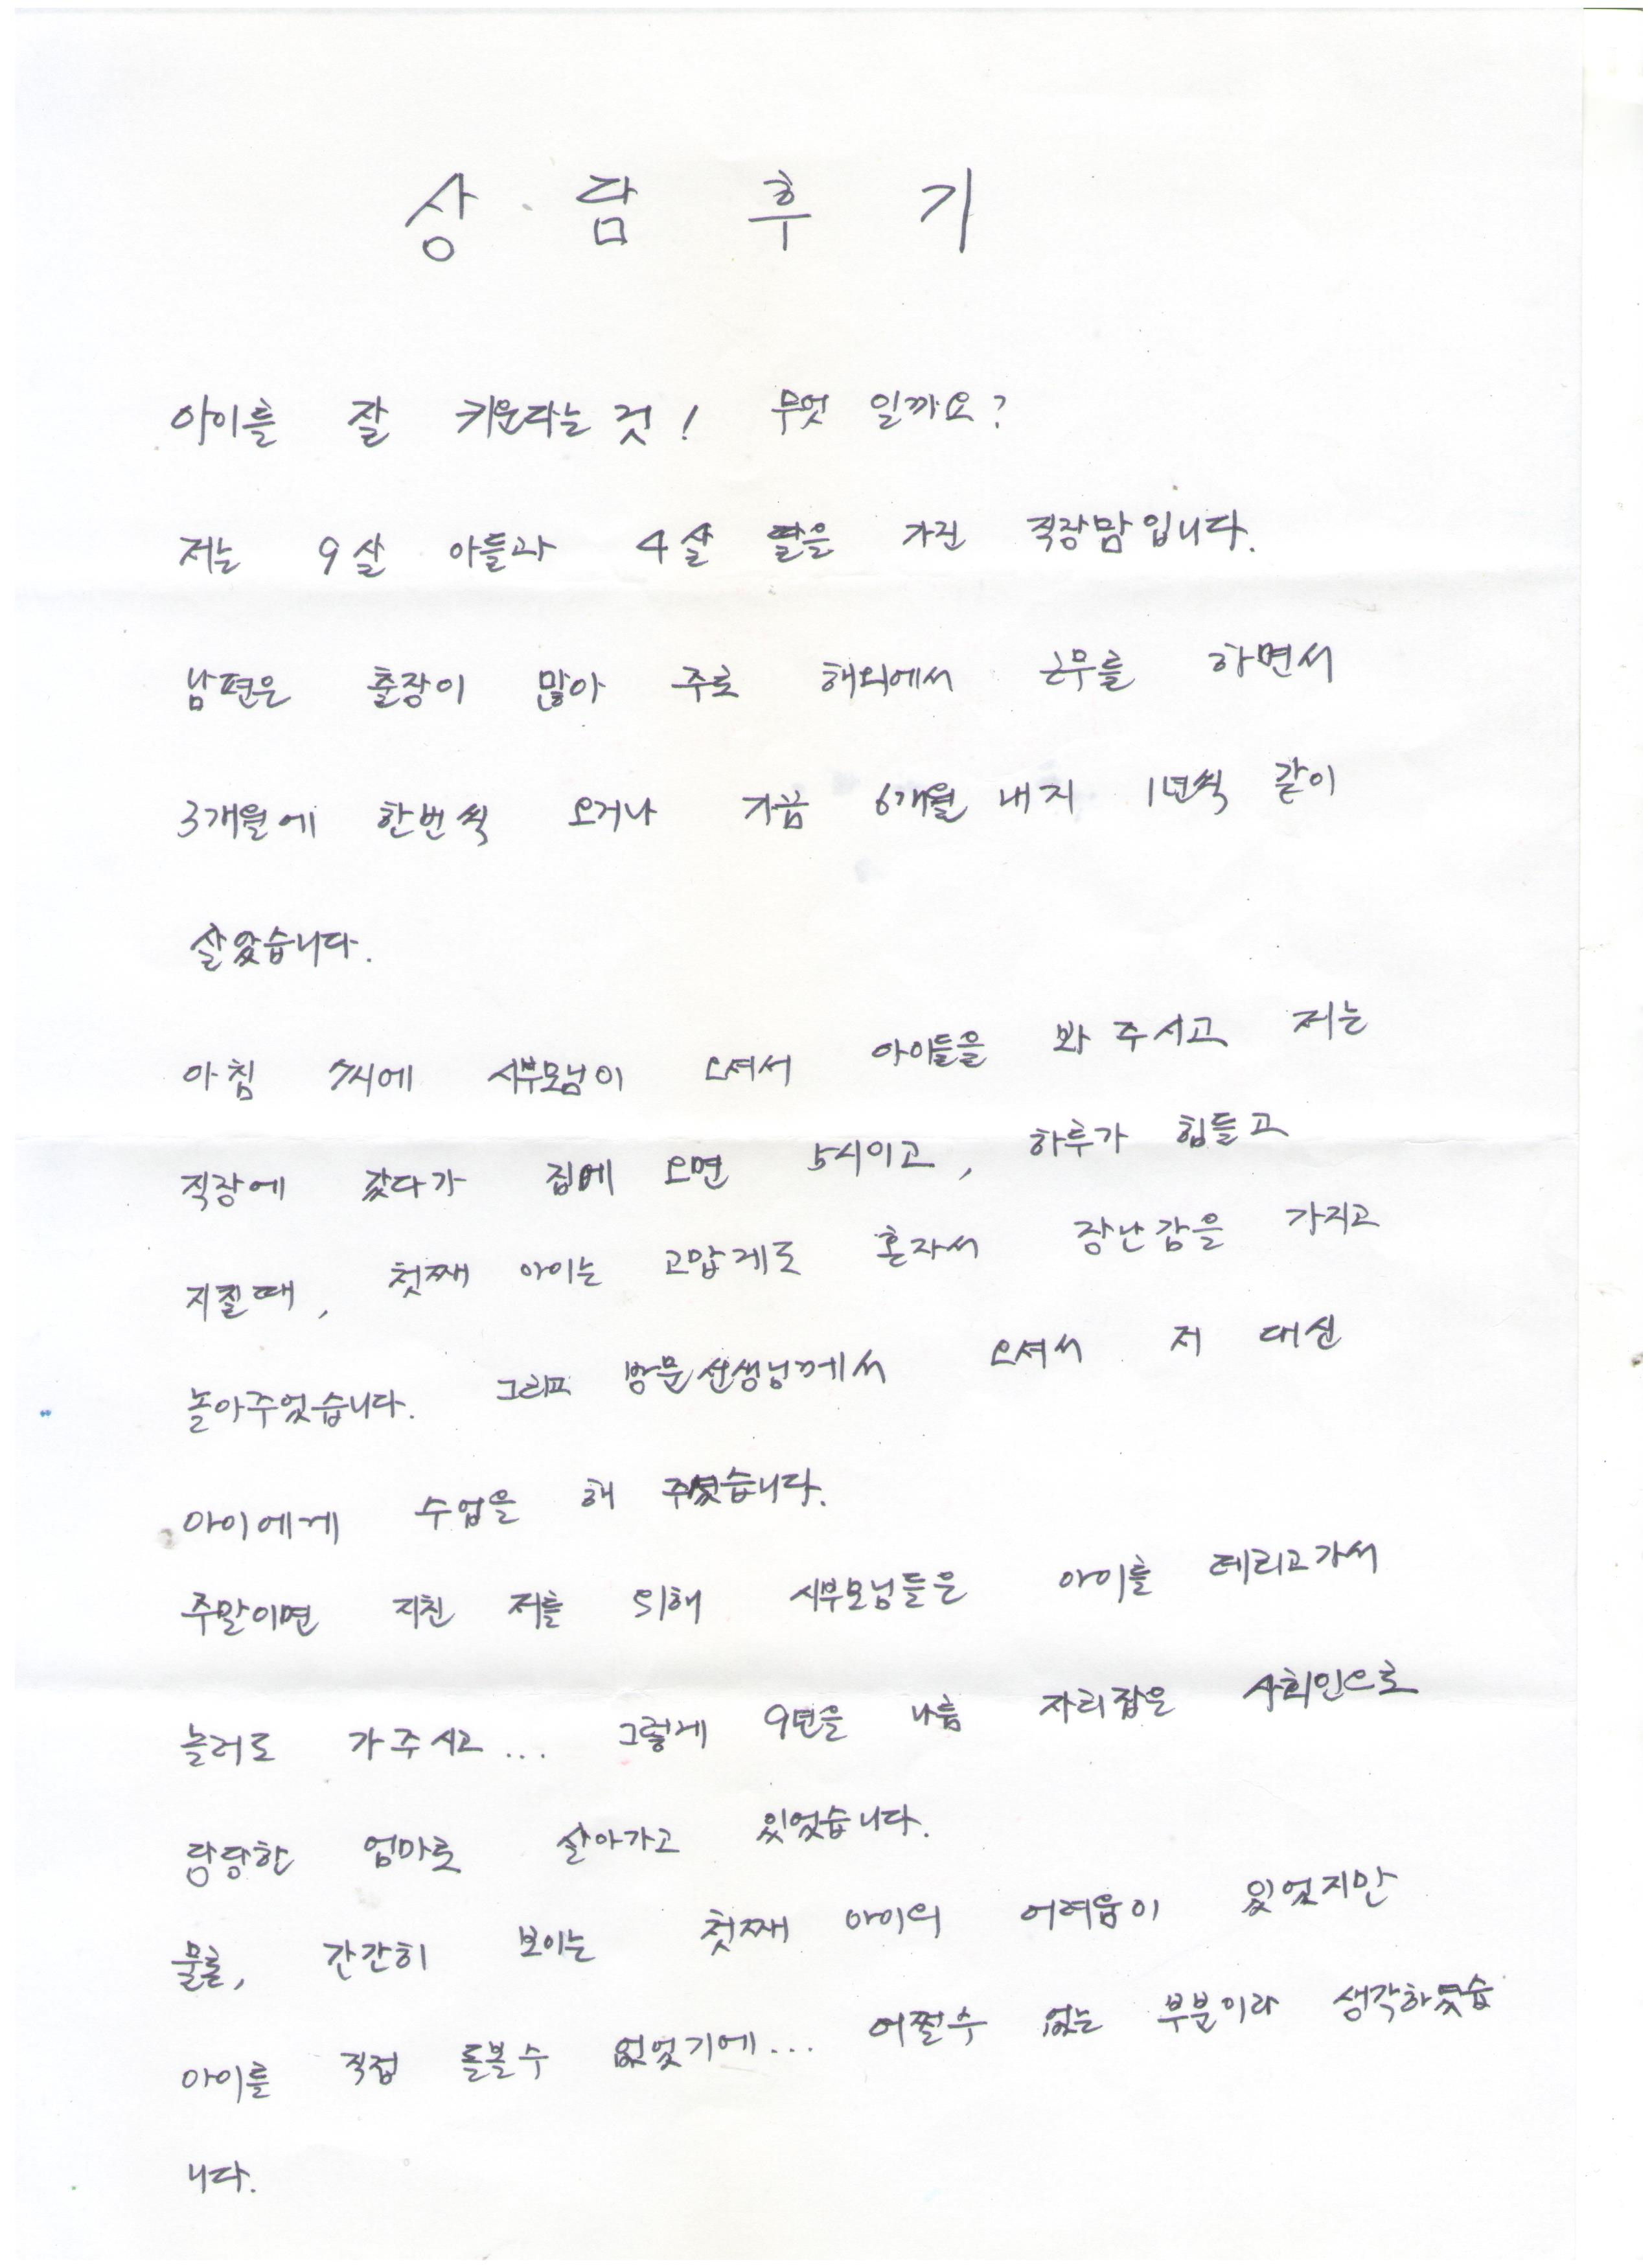 김성윤상담후기_01.jpeg